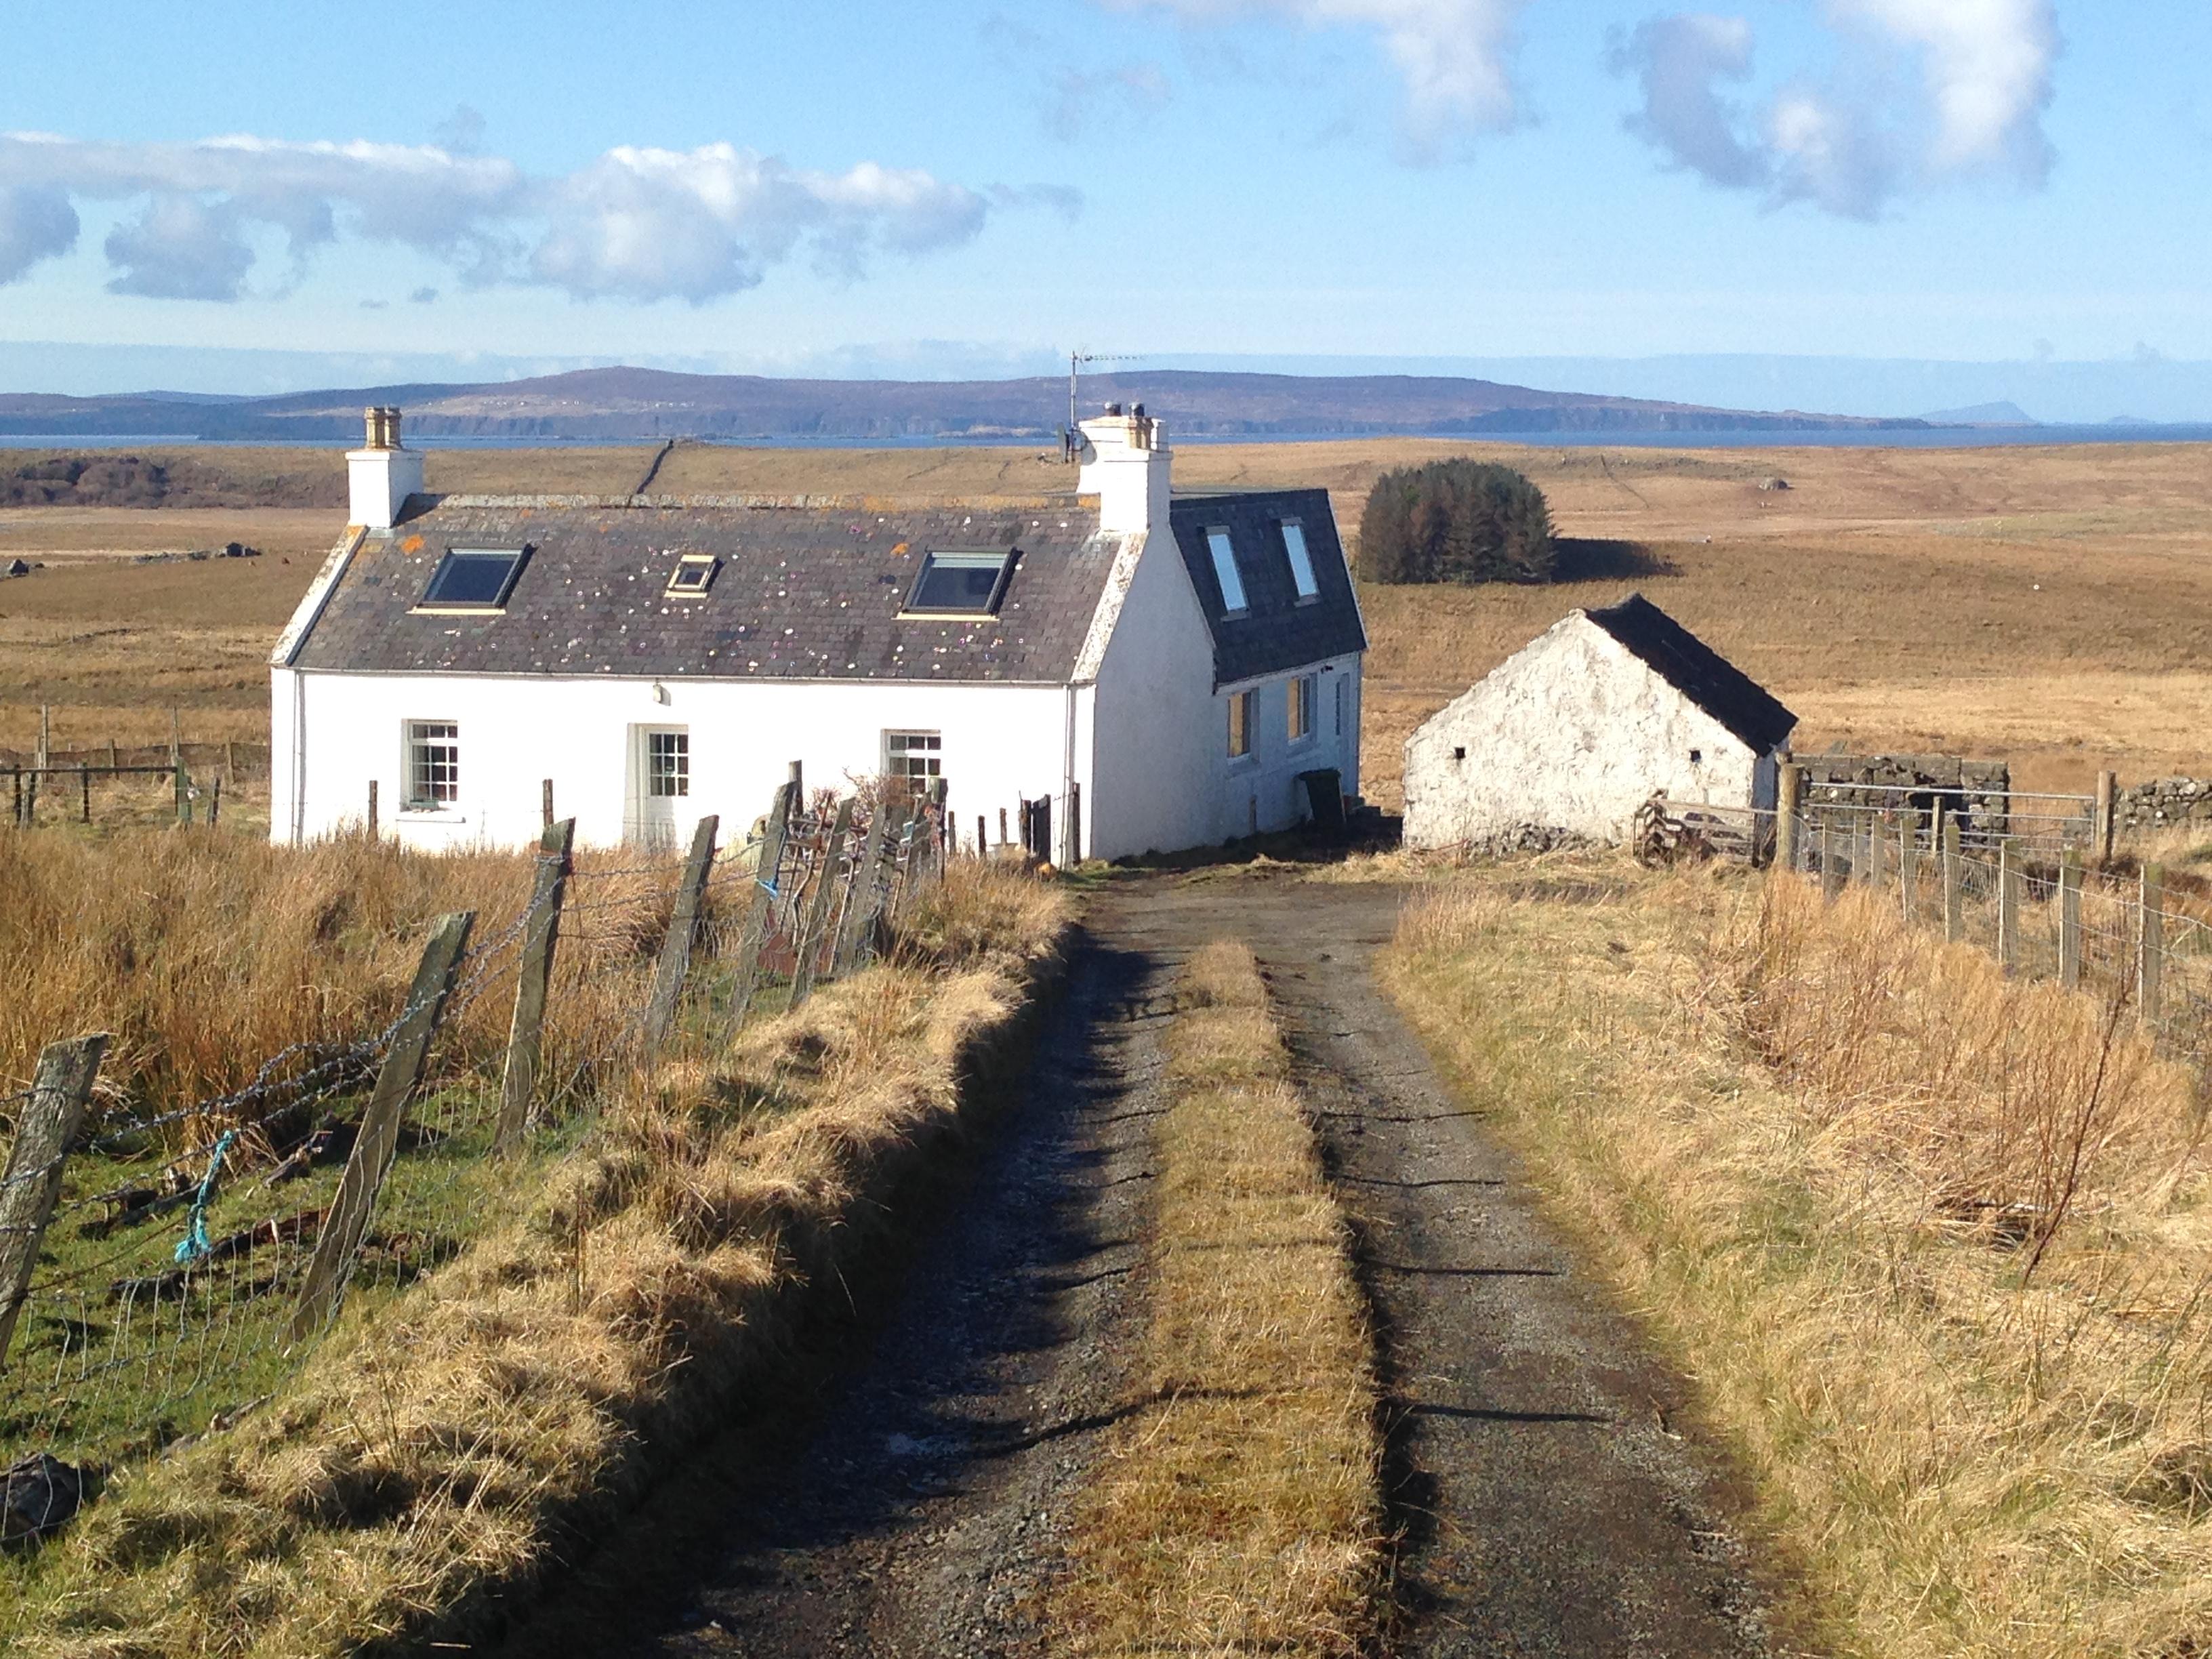 La Maison de Campagne external view